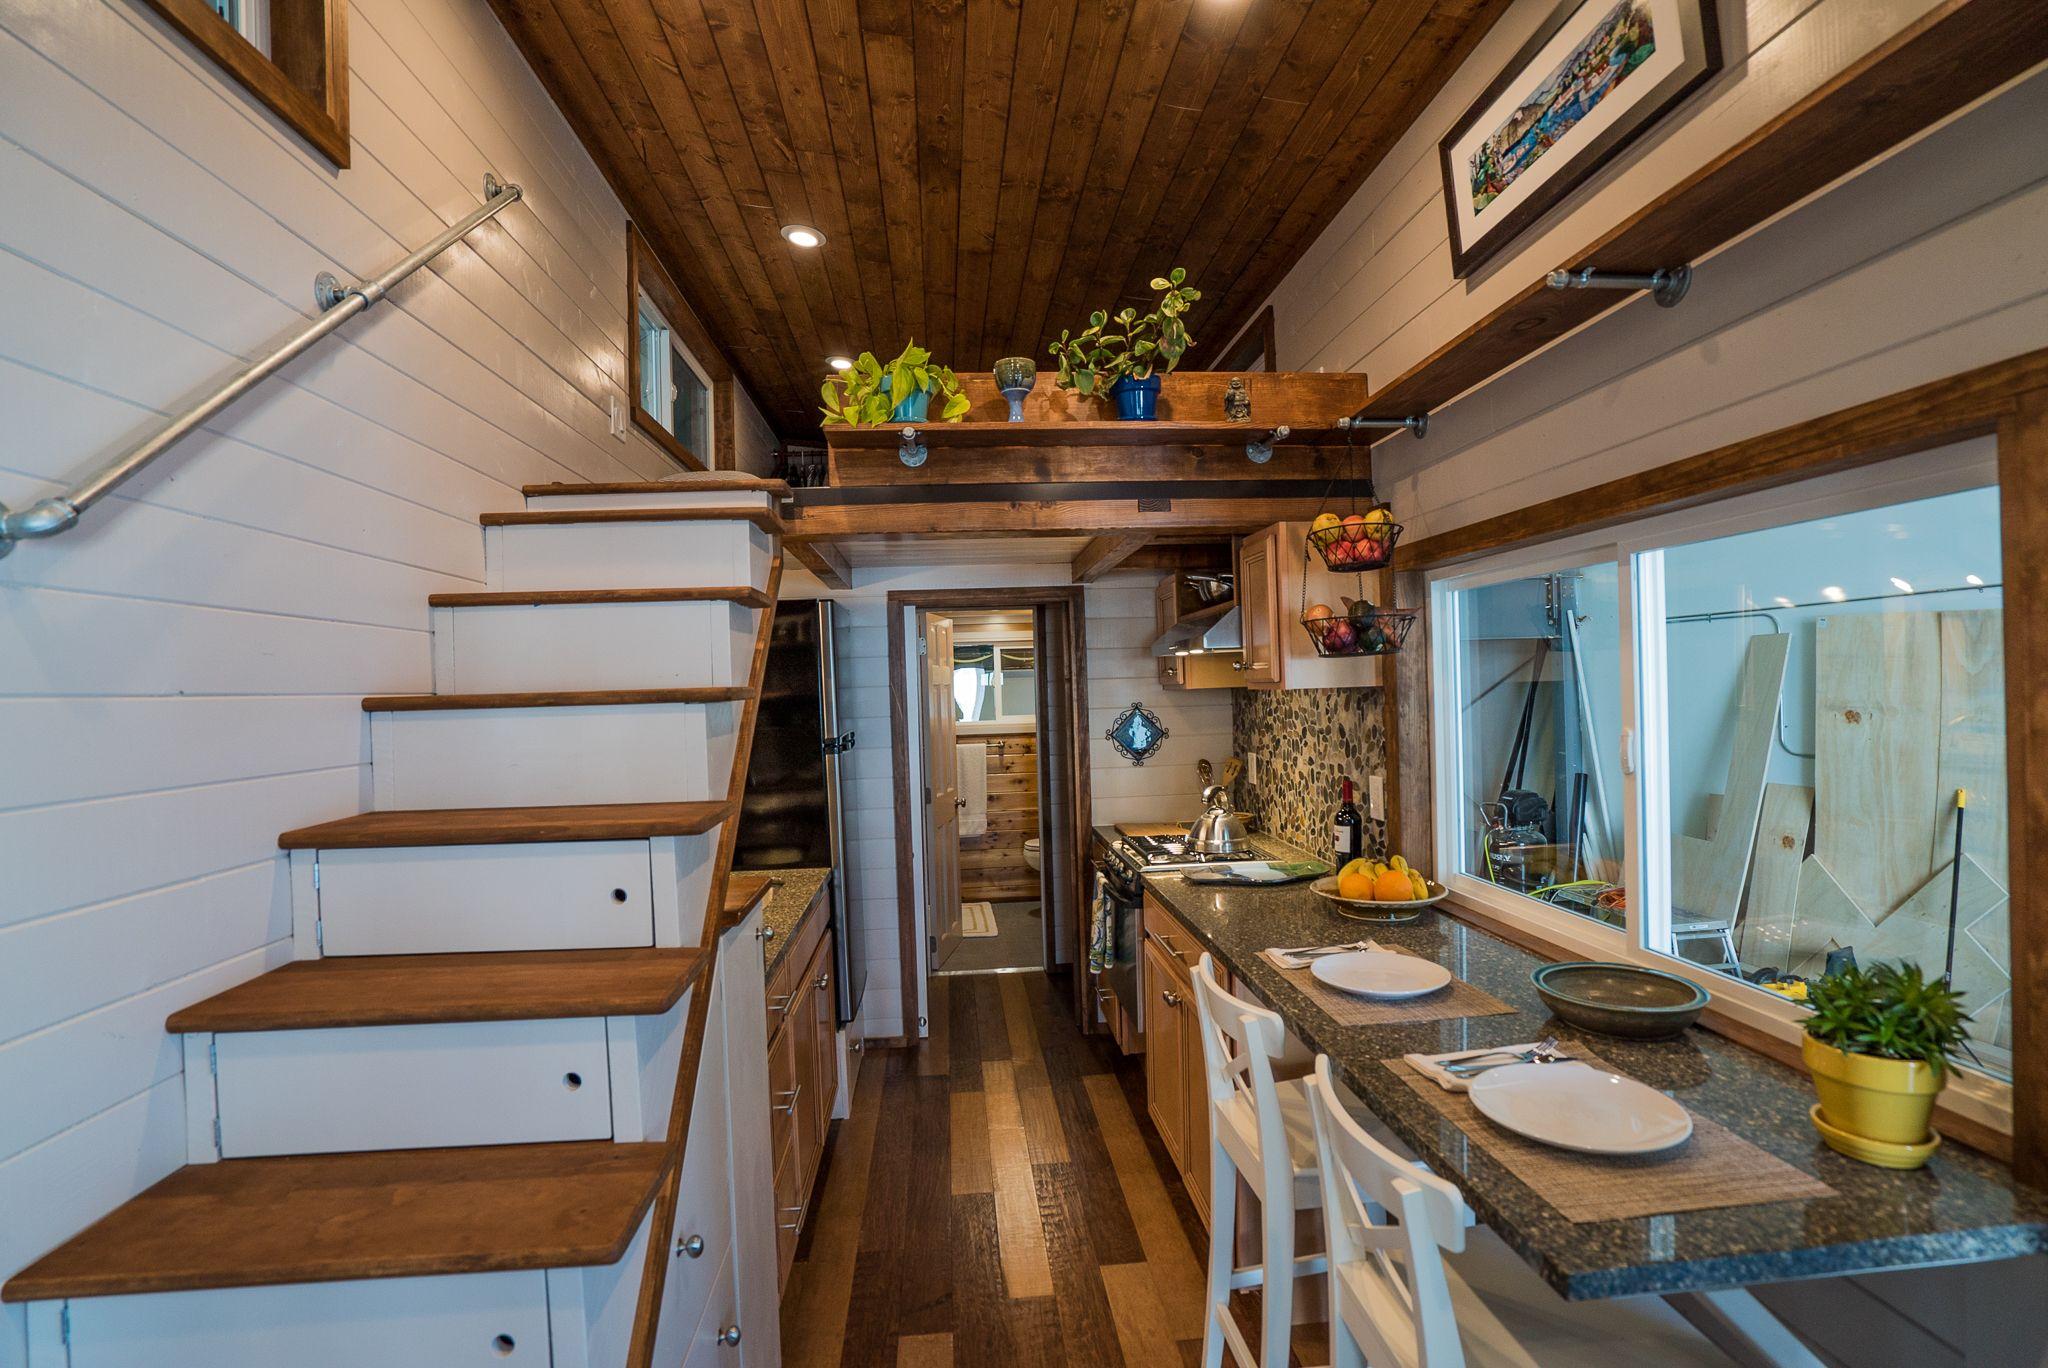 Bfth 11 1 Jpg Shed To Tiny House Tiny House Loft Tiny House Layout